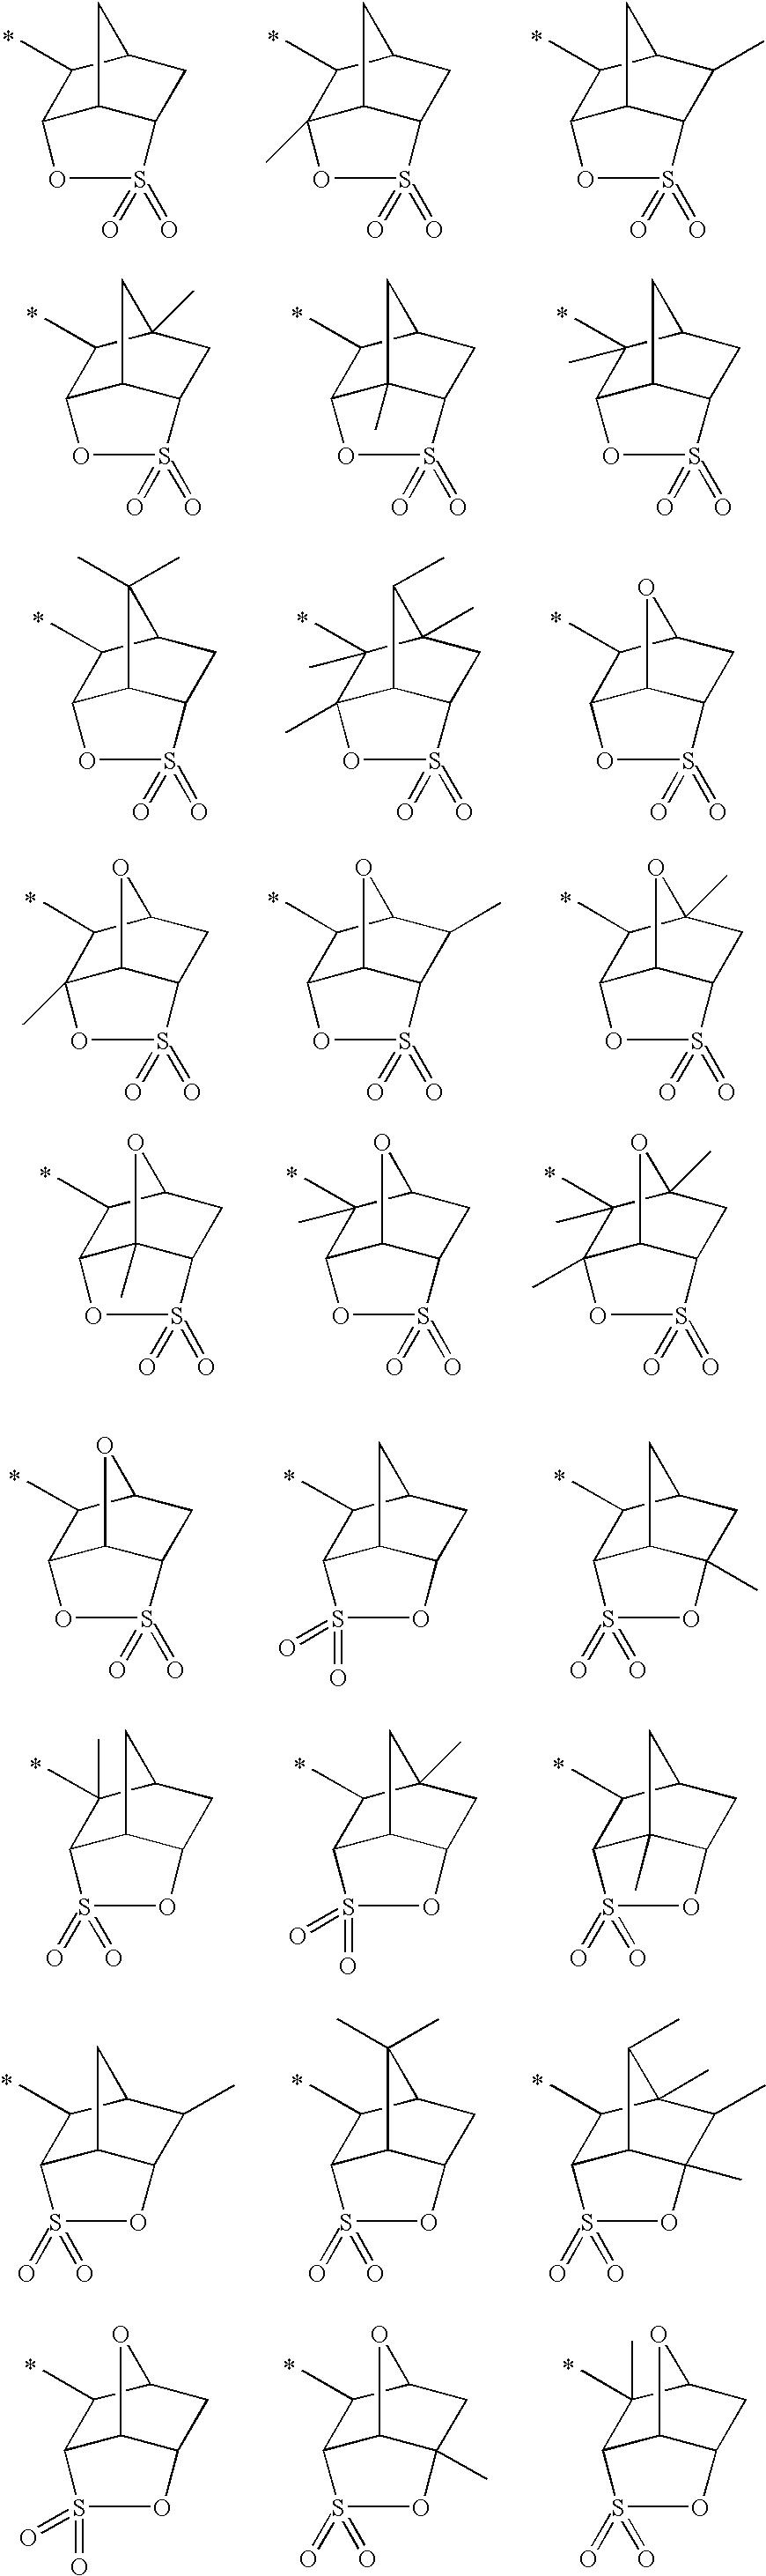 Figure US20100323296A1-20101223-C00011